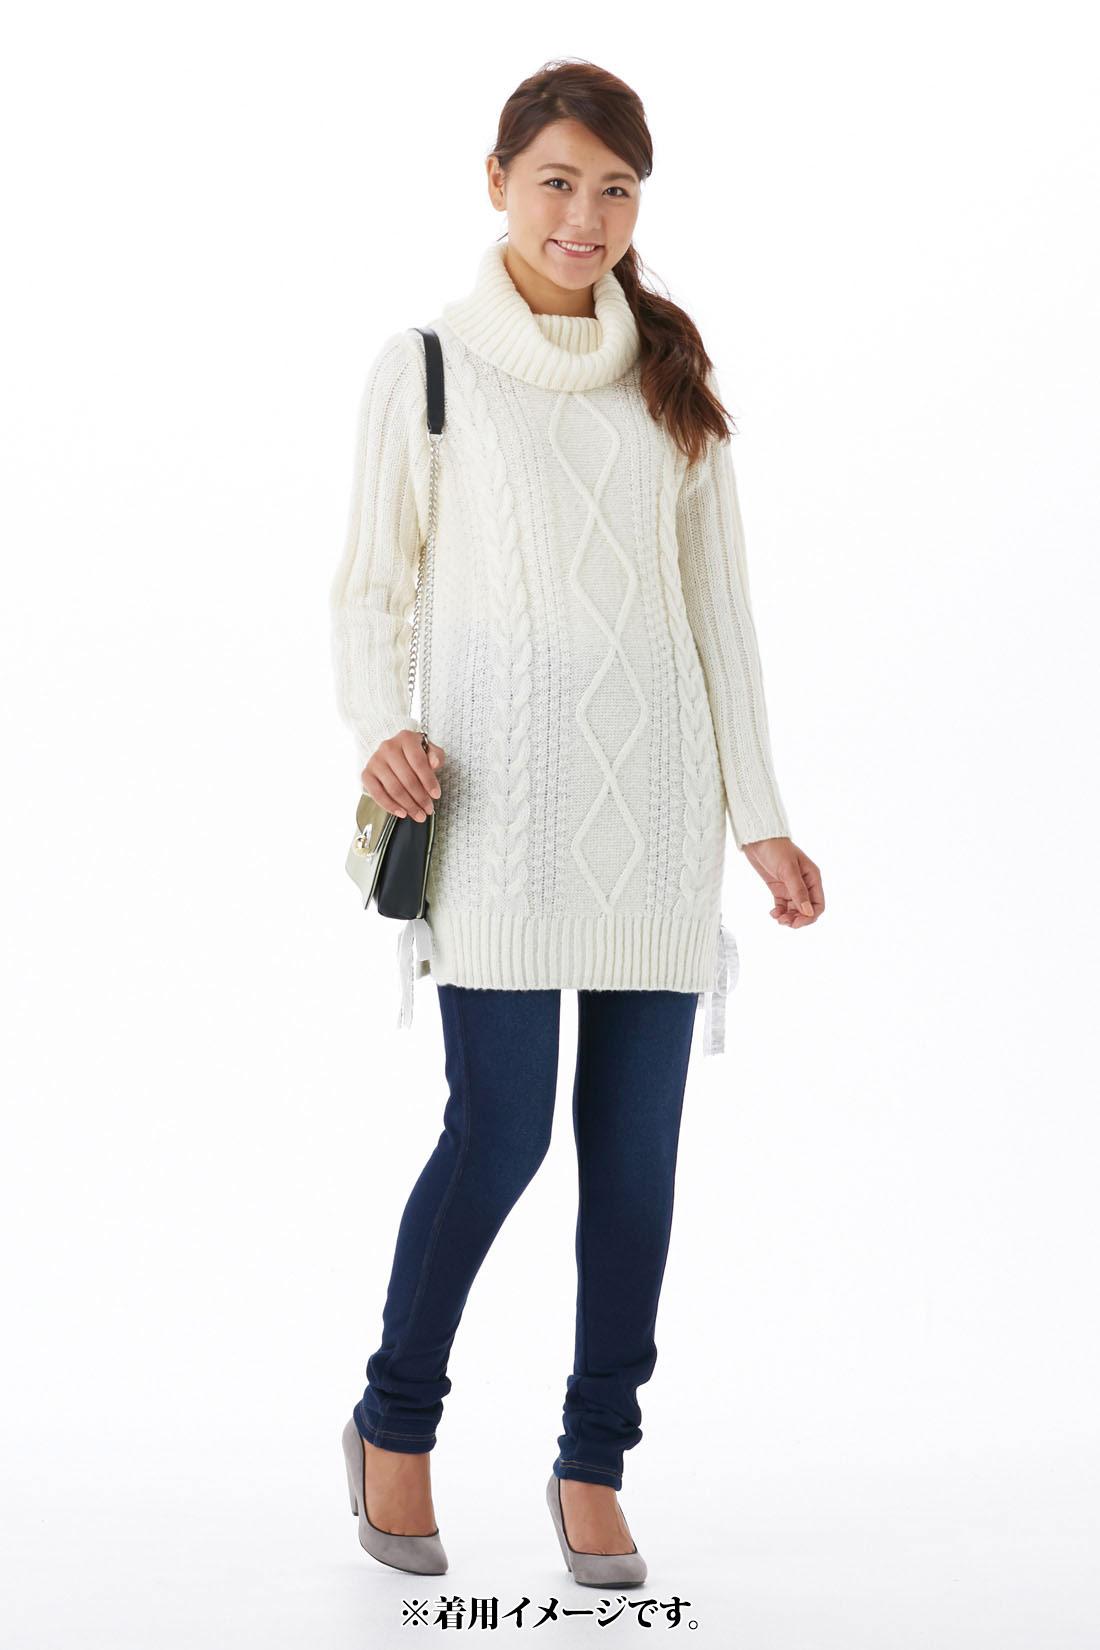 カジュアルな【オフホワイト】 袖は、腕がほっそり見える太リブ編み。 サイドはニットリボンの編み上げでさりげなく華やかに。